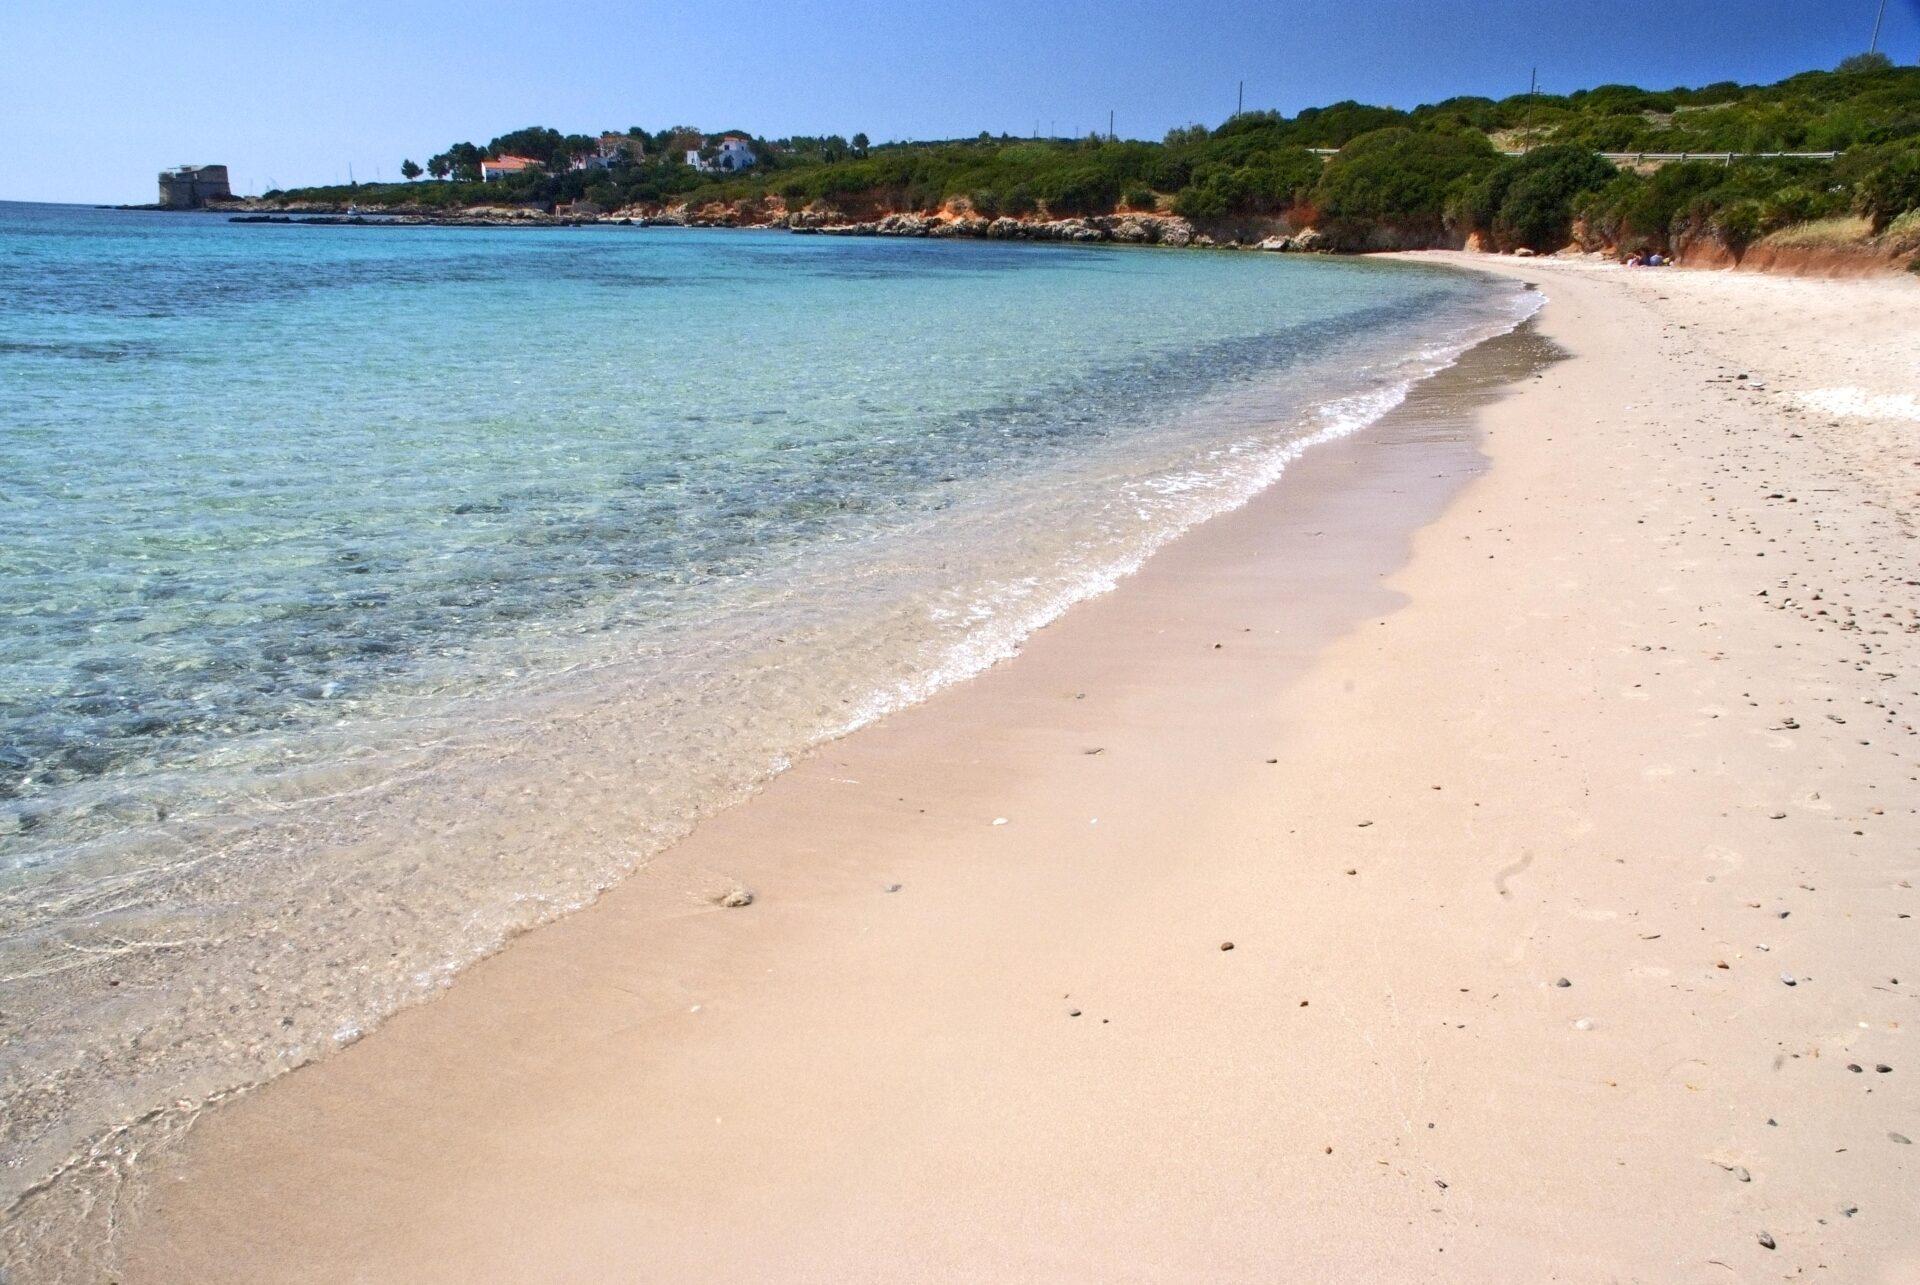 spiaggia del lazzaretto, sardegna